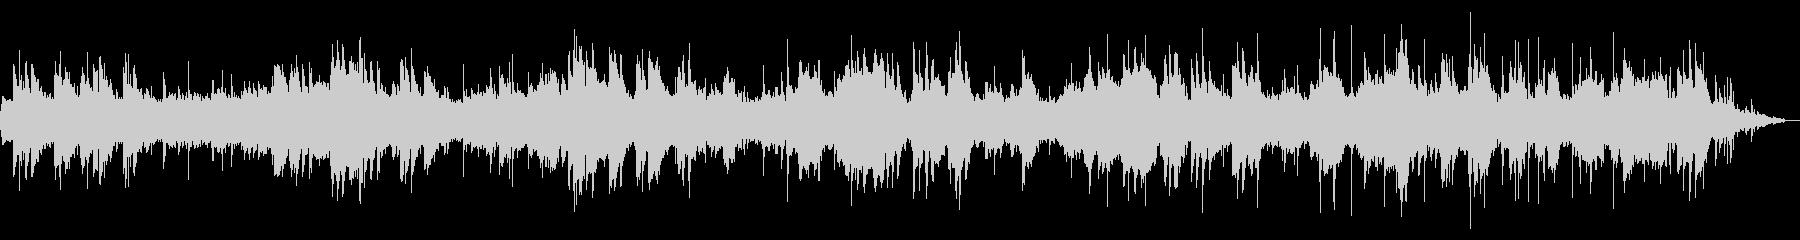 高品質 ミニマル アンビエント ピアノ付の未再生の波形